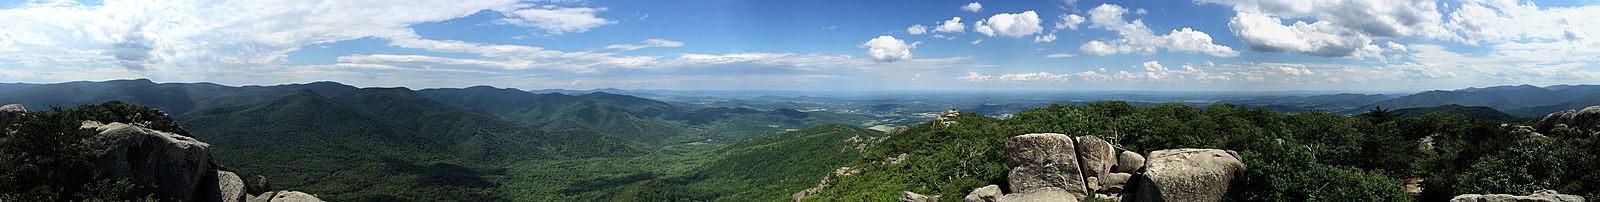 Old Rag Mountain view